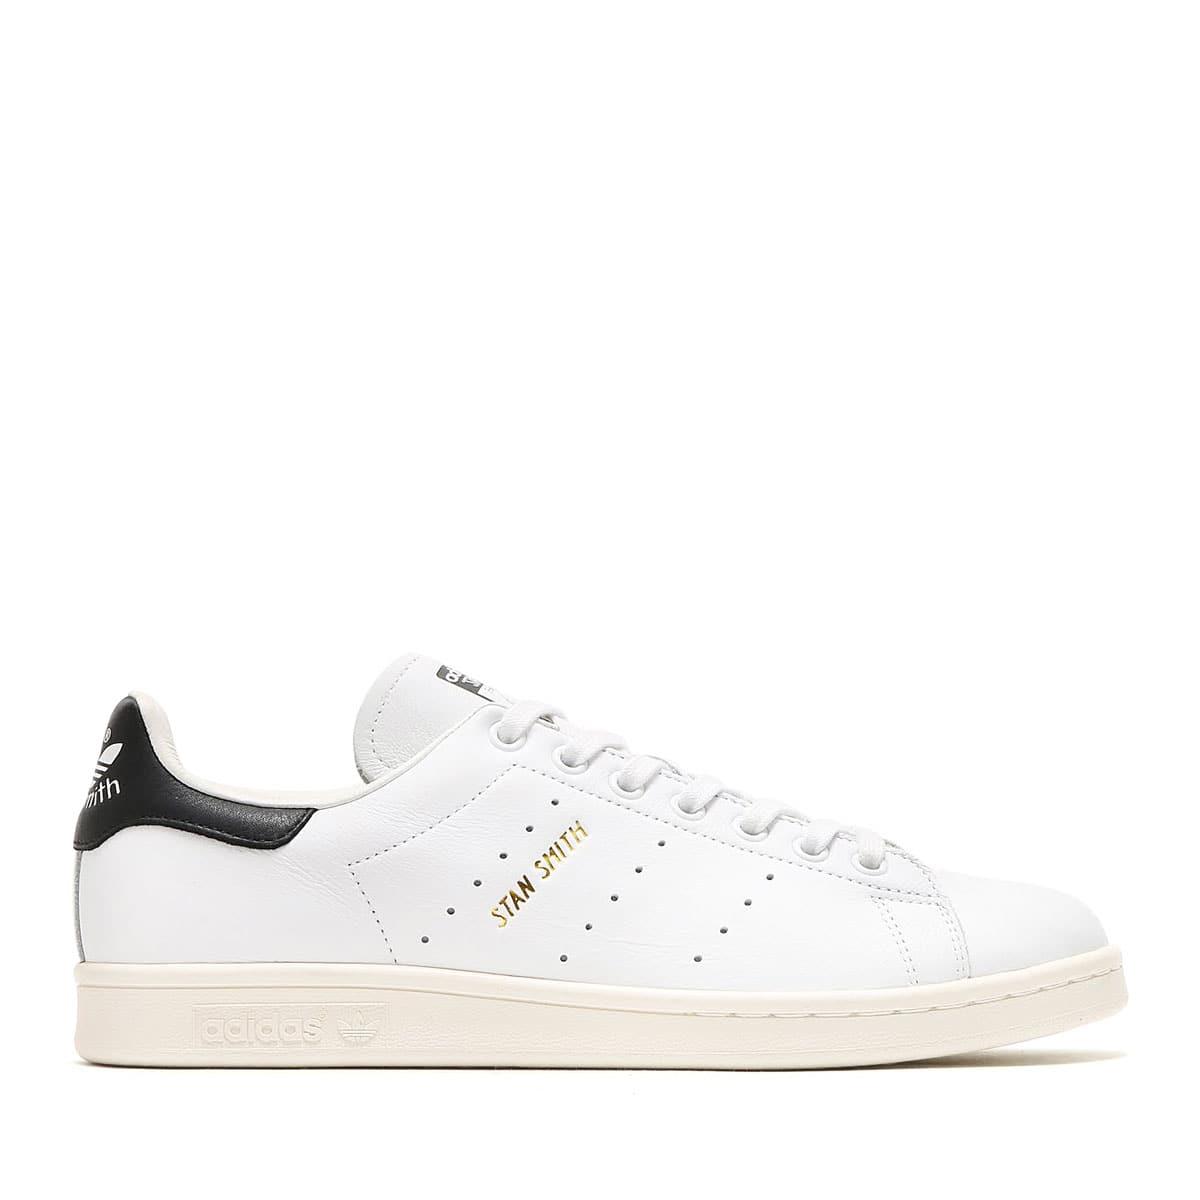 adidas Originals STAN SMITH   RUNNING WHITE/RUNNING WHITE/CORE BLACK_photo_large